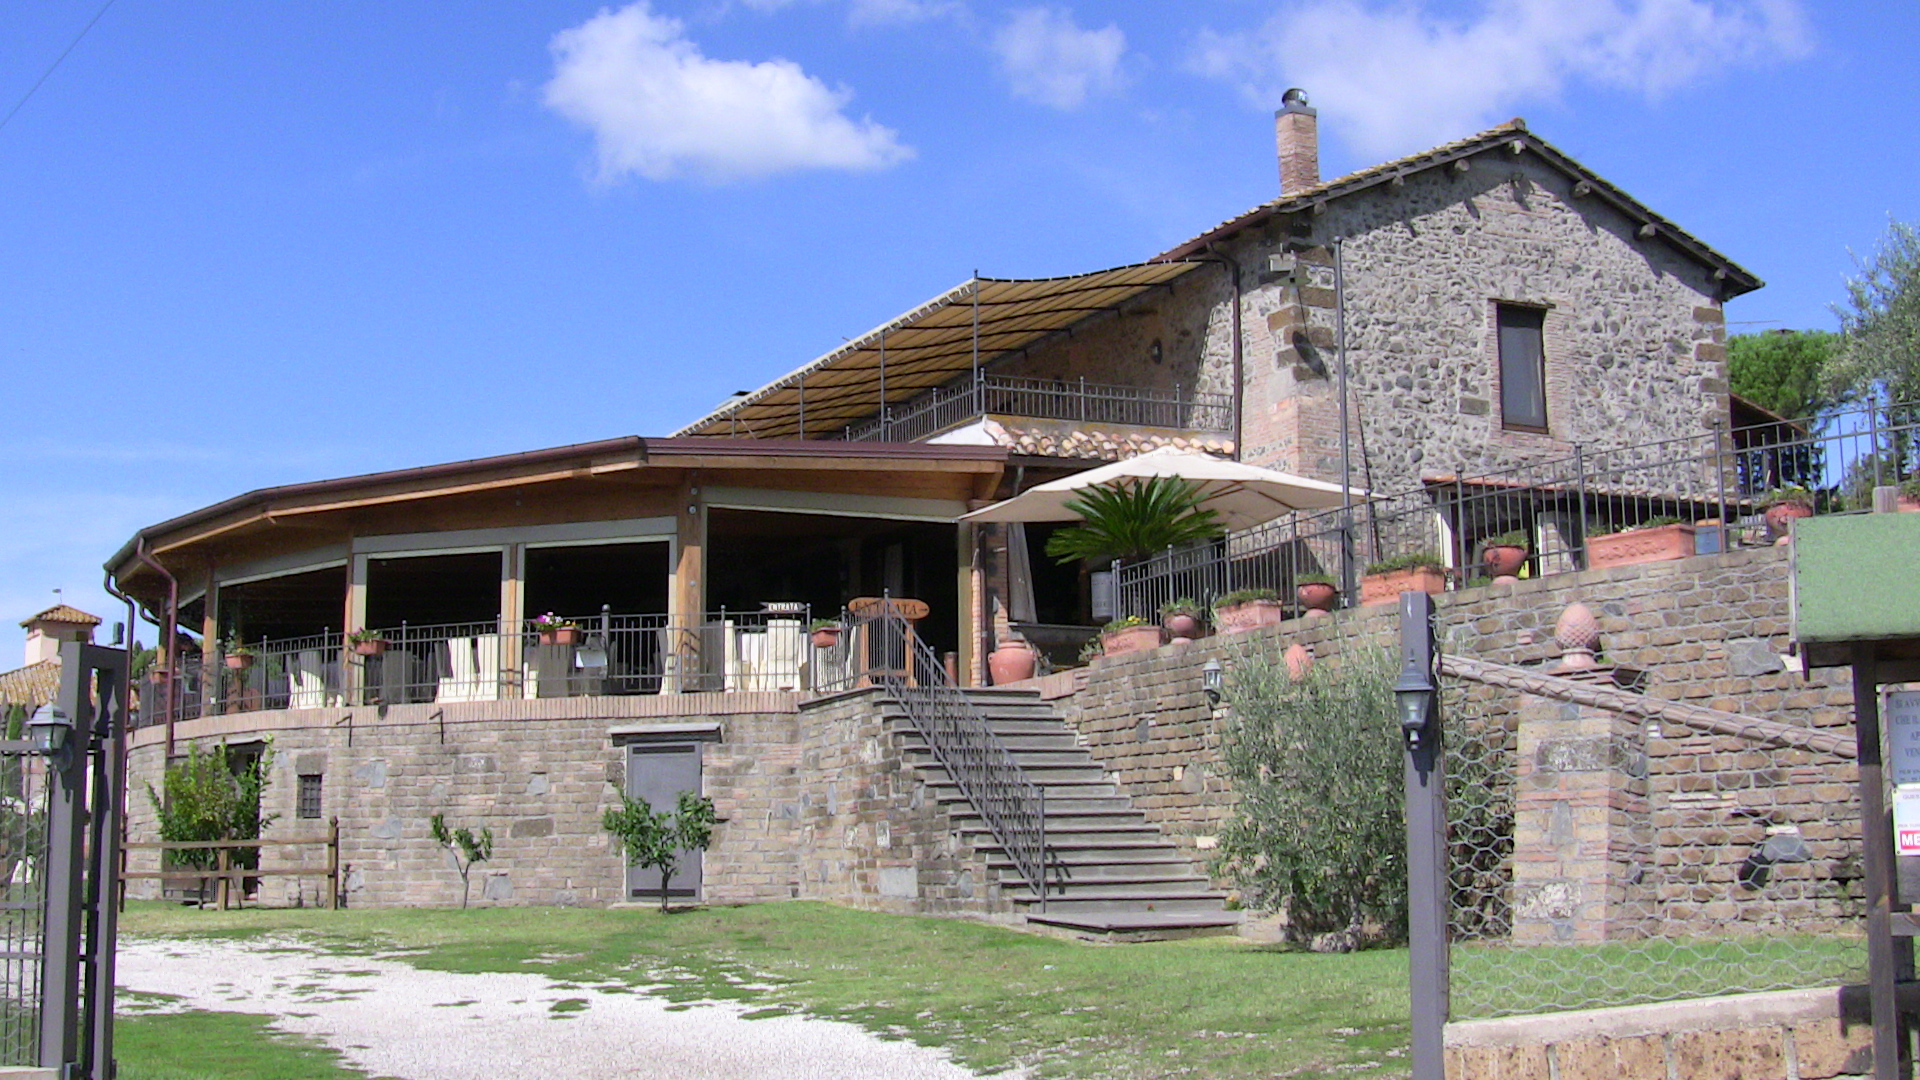 Ristorante Il Frantoio Del Savio Srl - Trevignano Romano - Foto 5